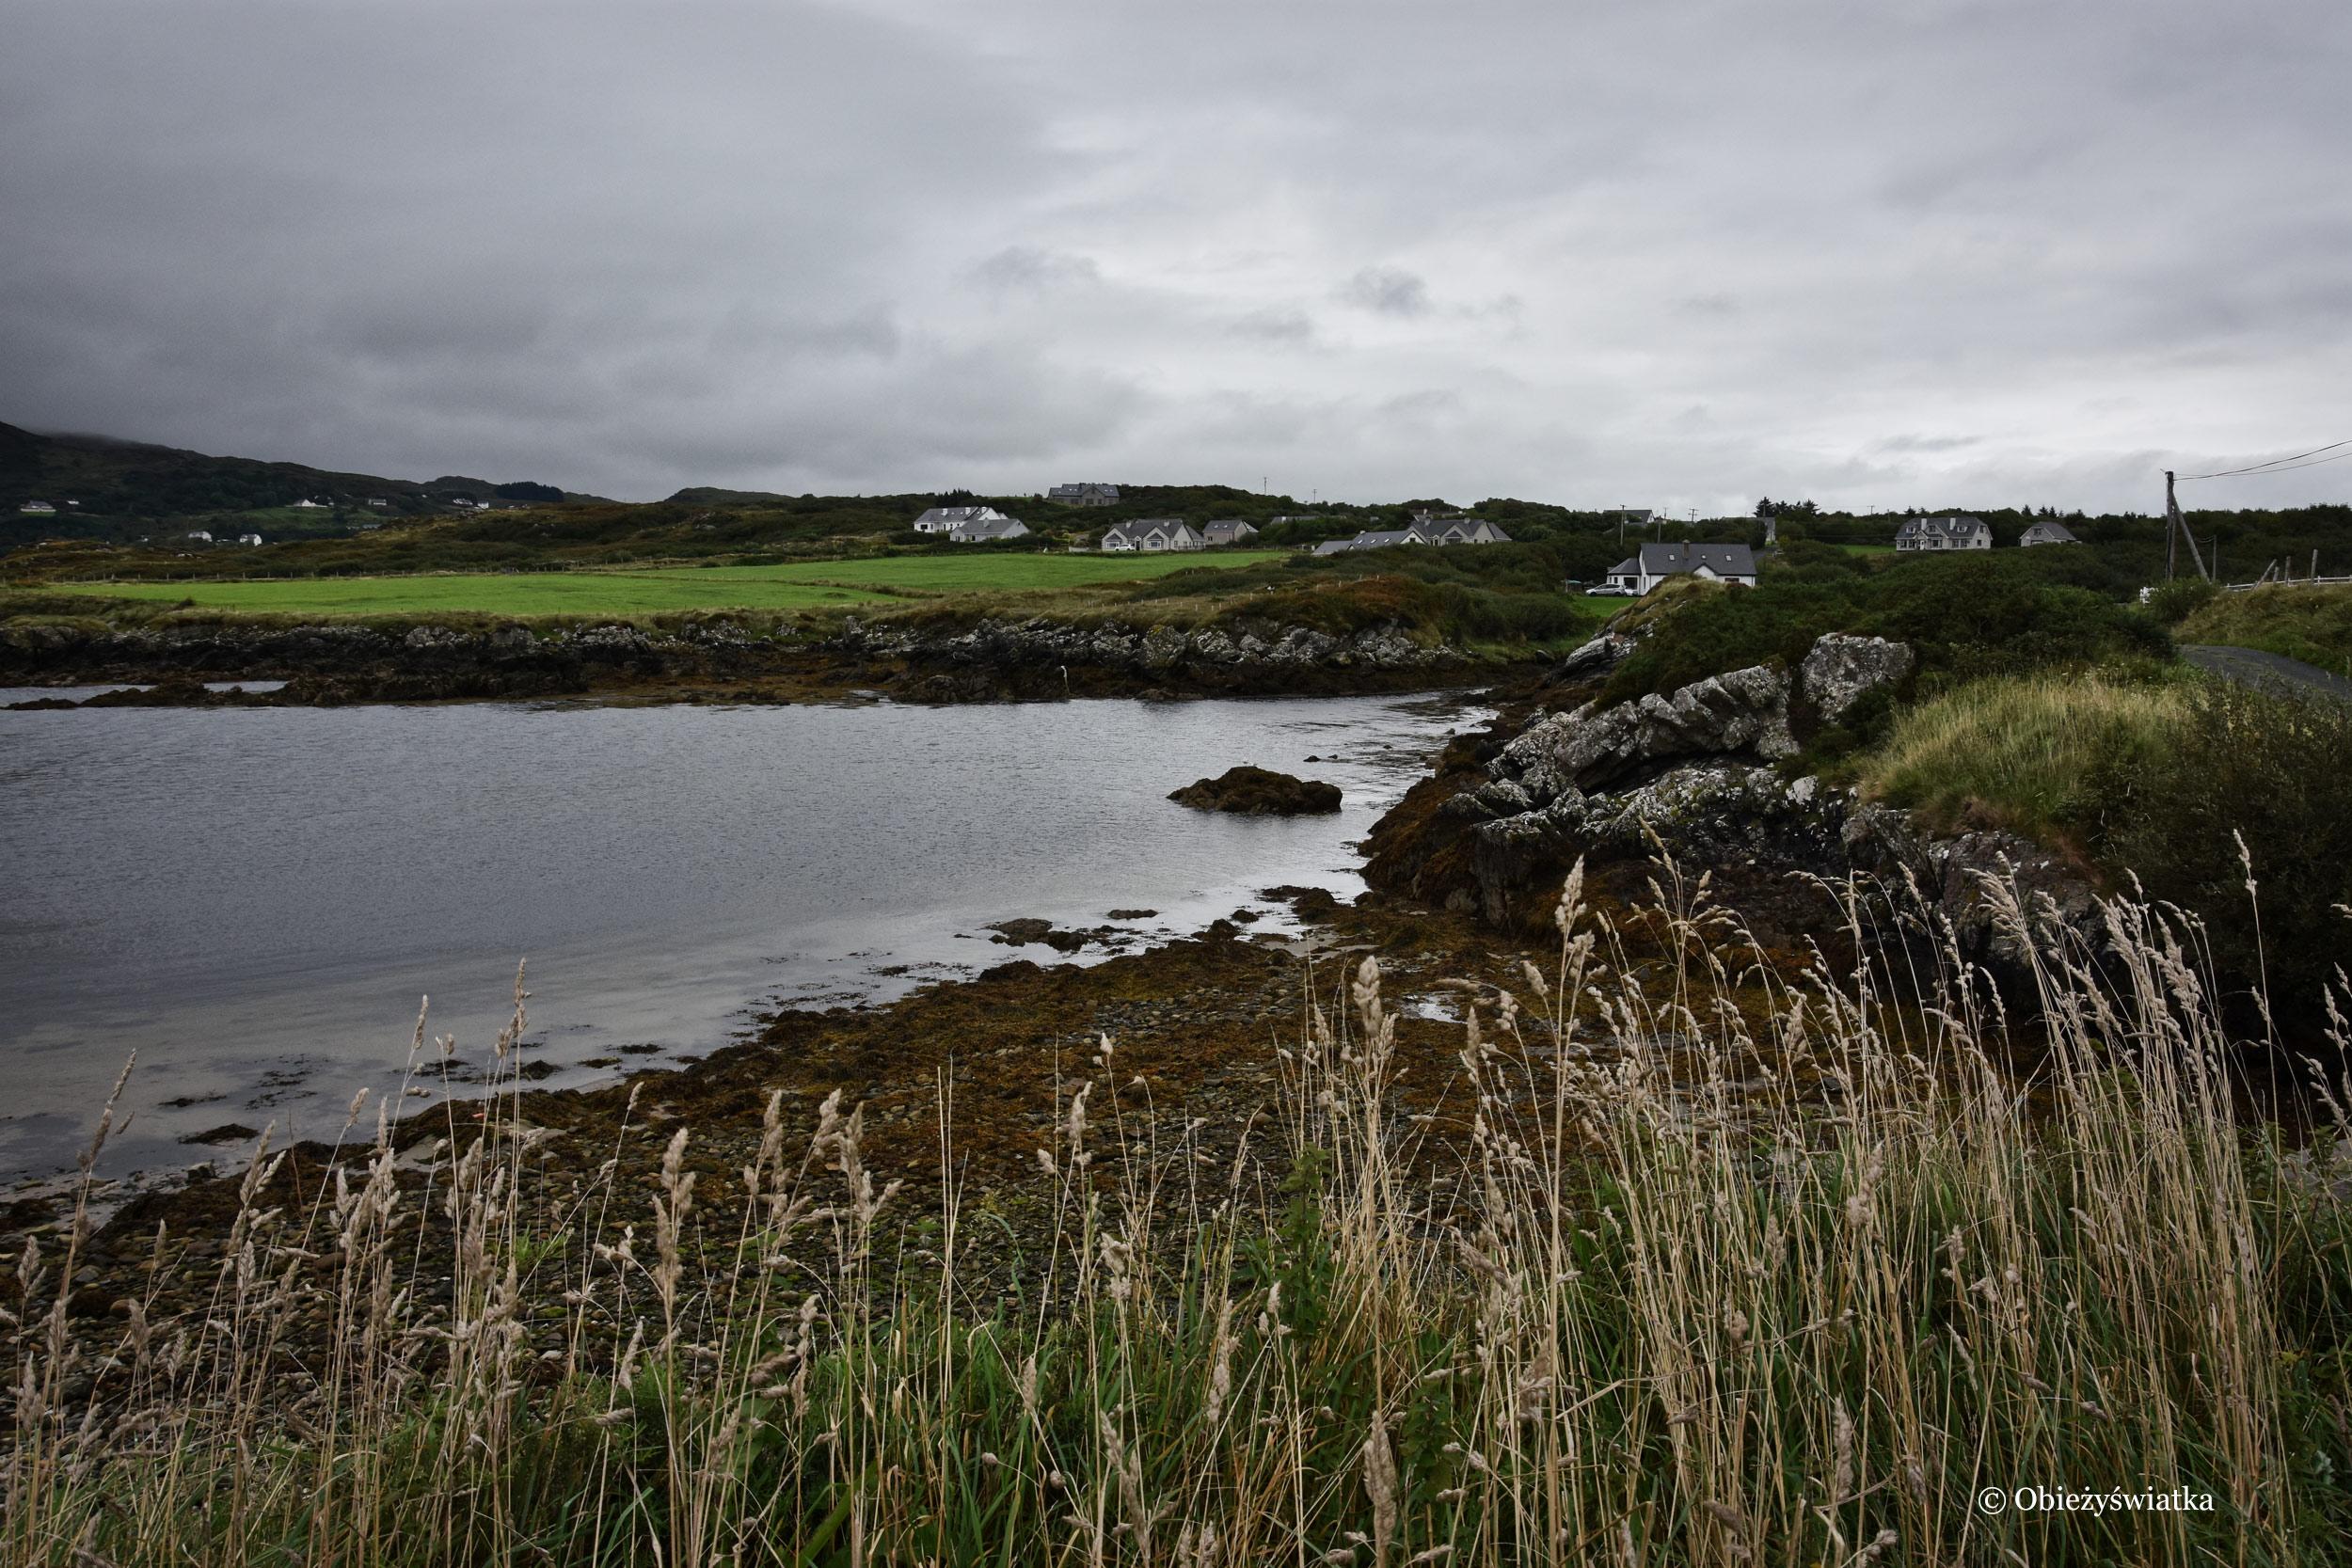 Wybrzeże zielonej wyspy, Killybegs